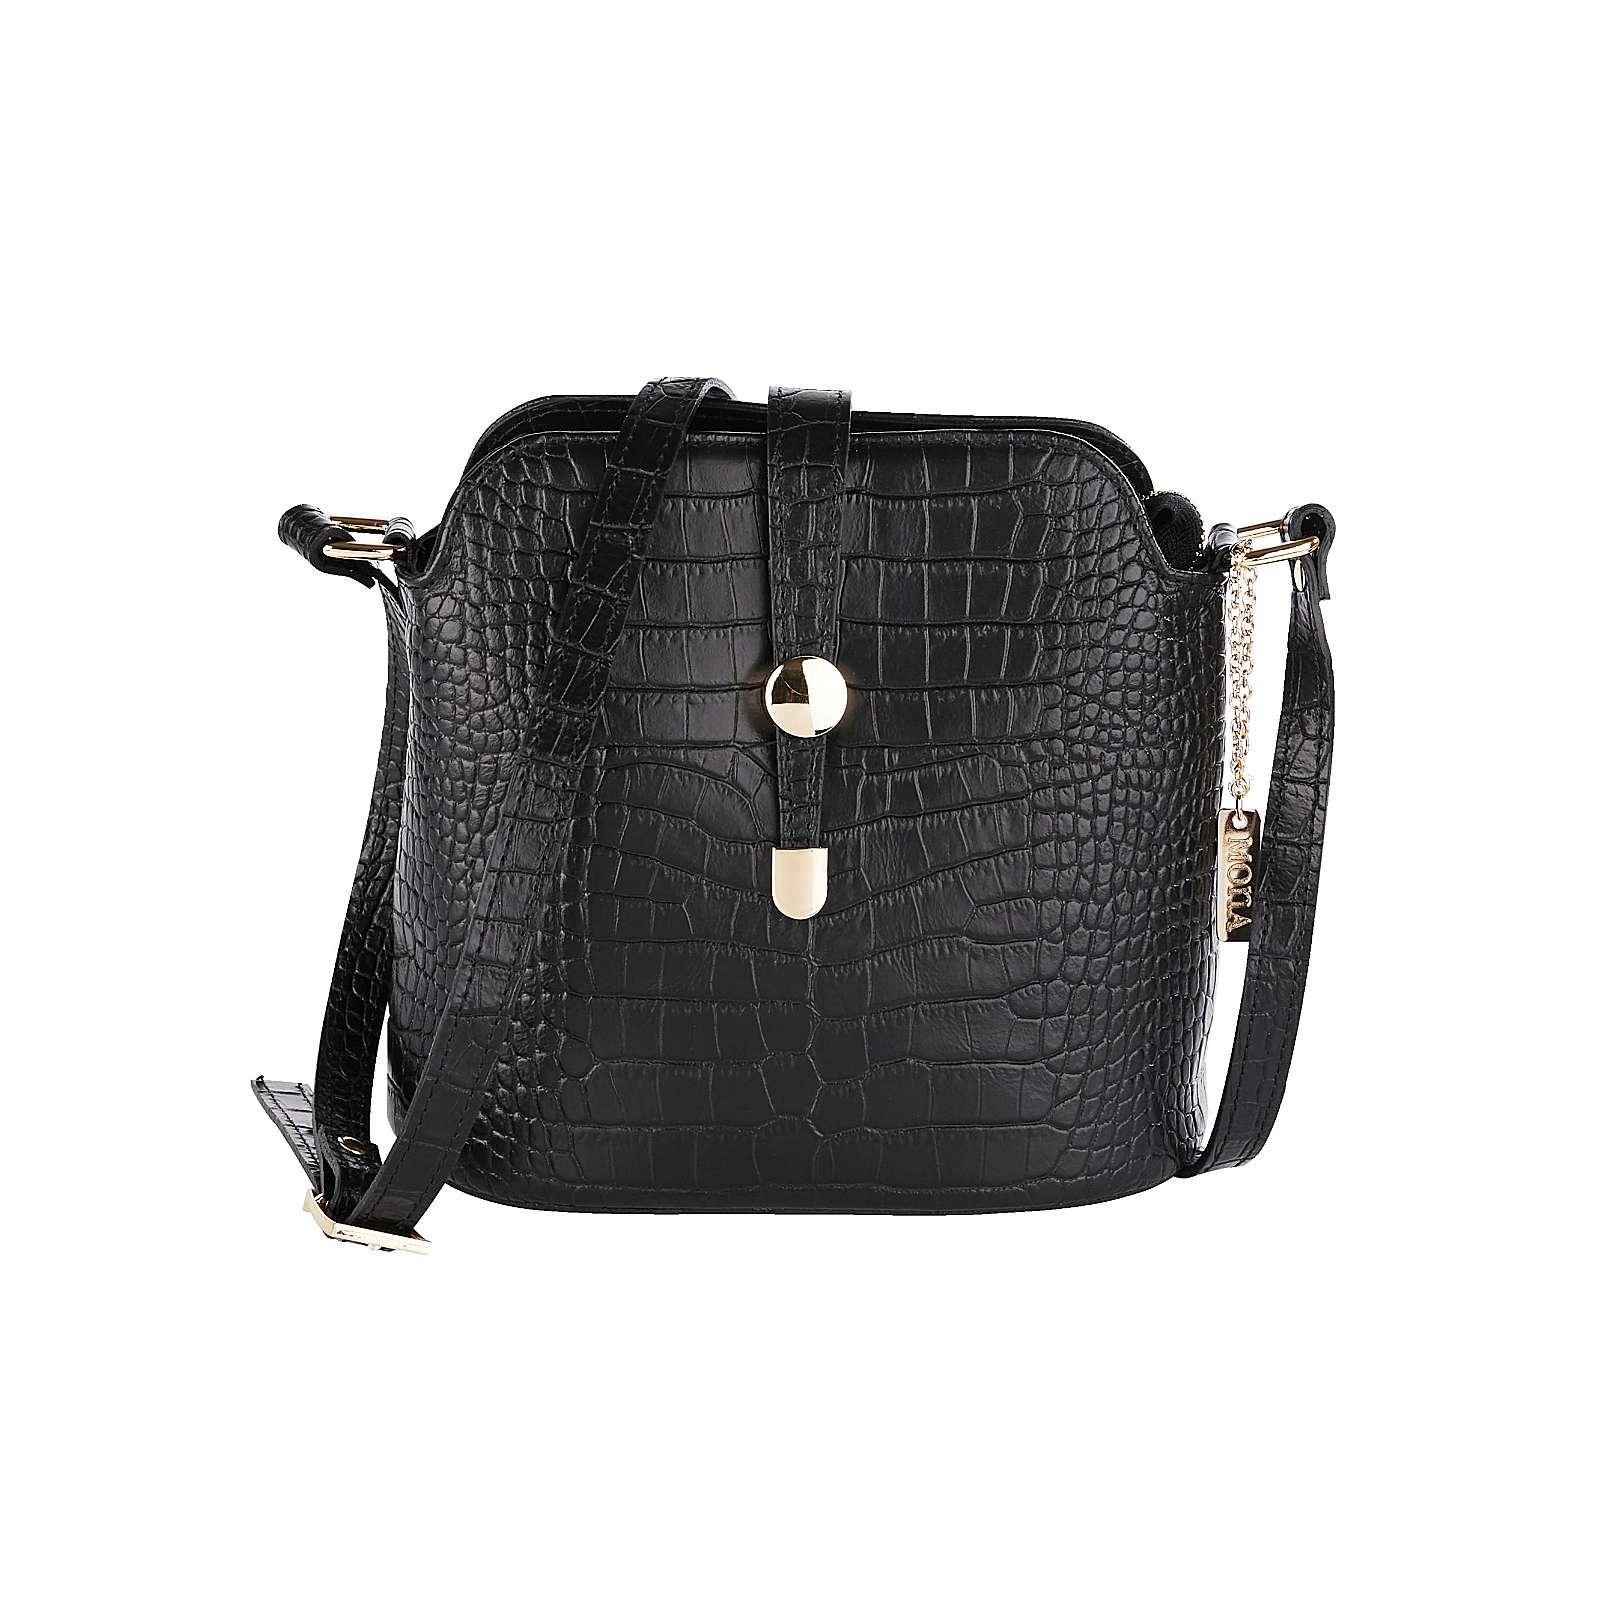 MONA Umhängetasche ca. 22 x 21 x 11,5 cm Einkaufstaschen schwarz Damen